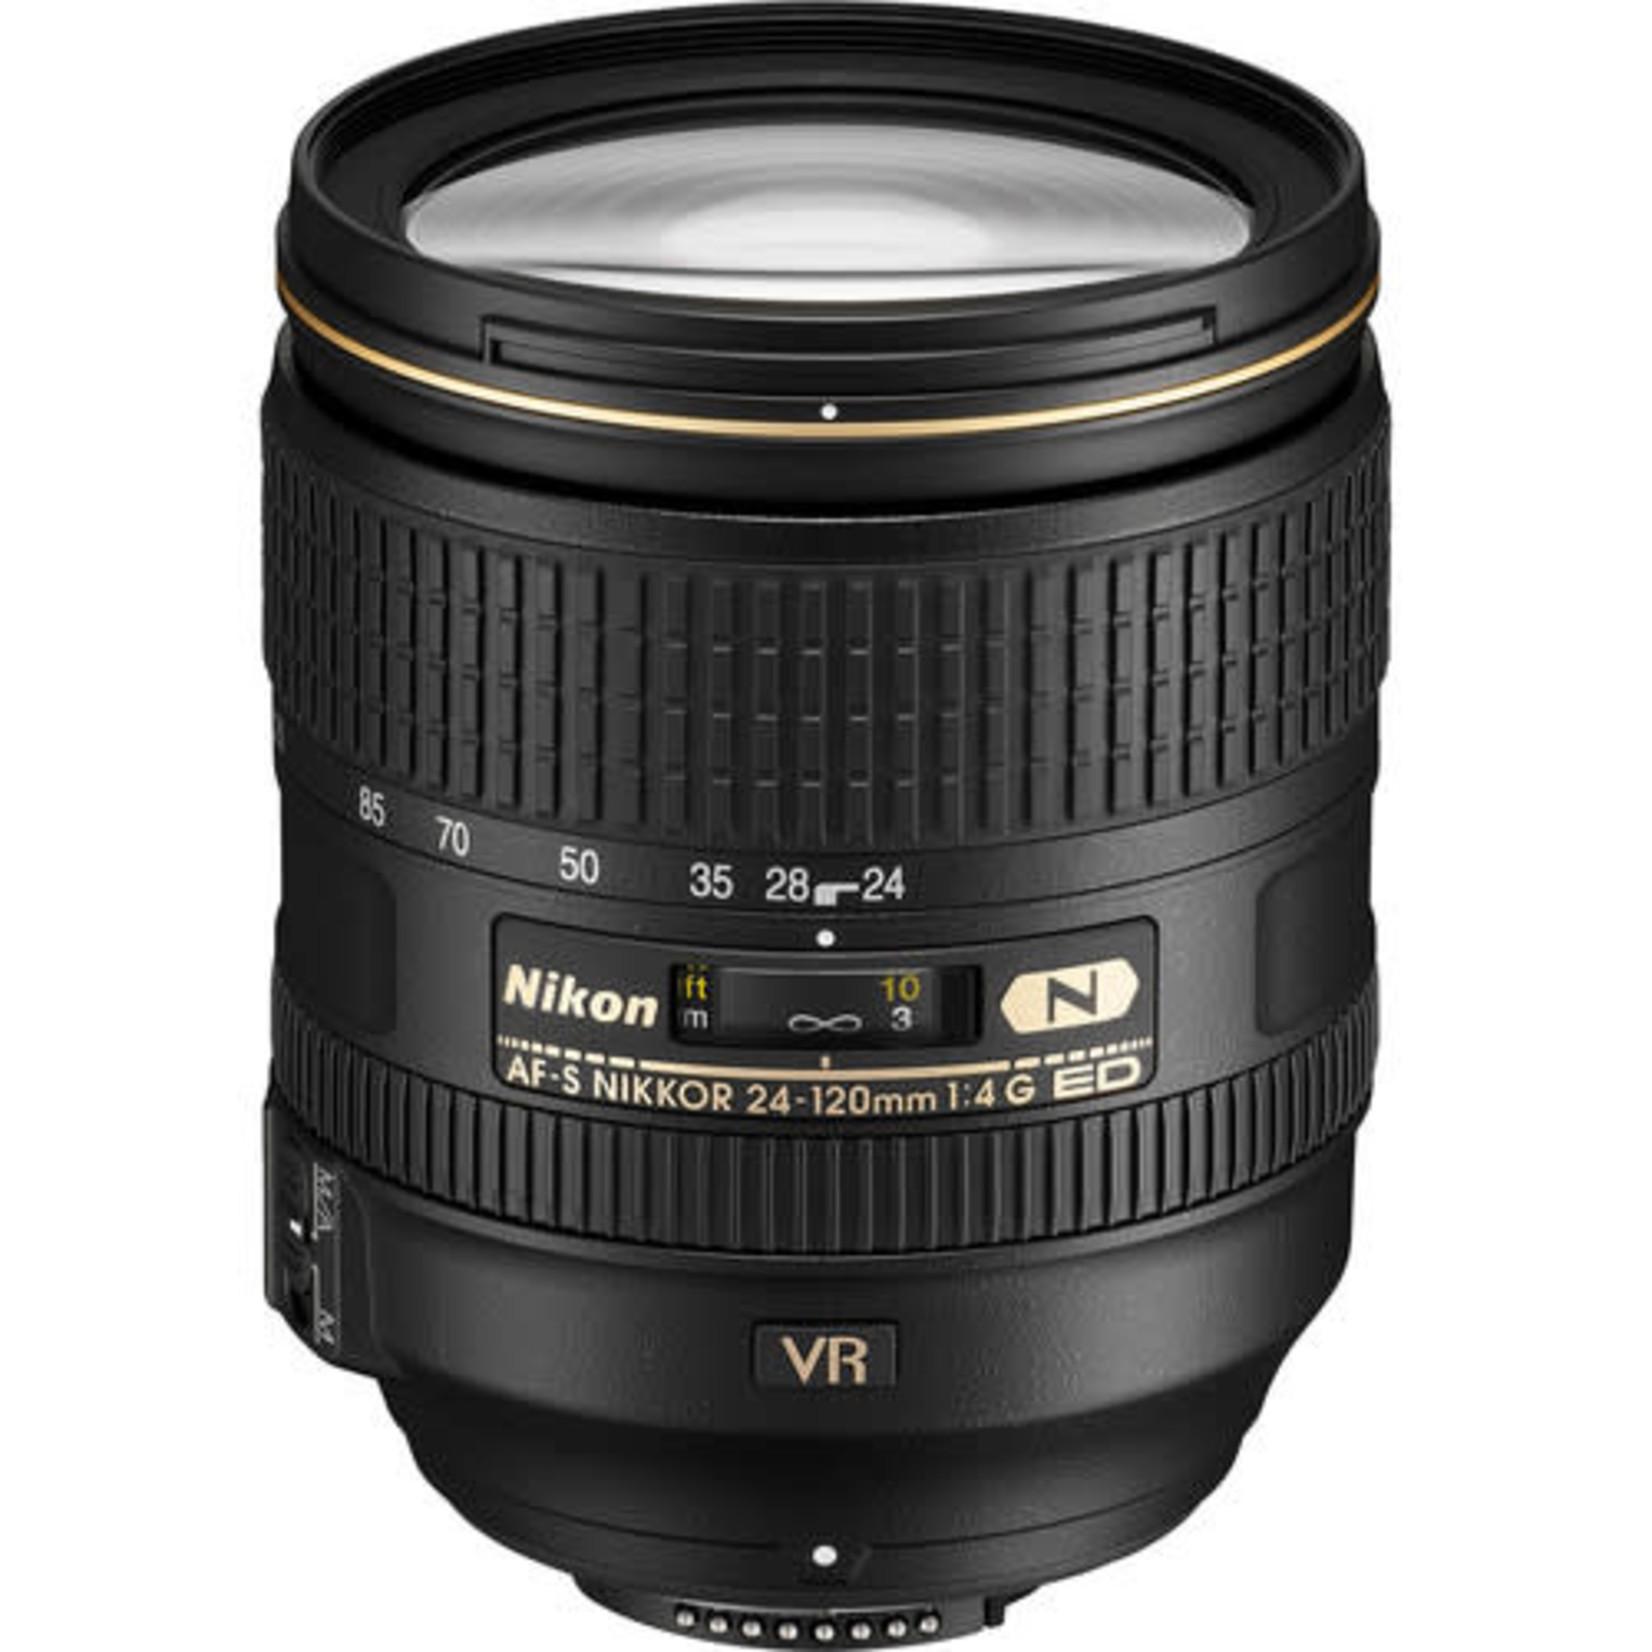 Nikon Nikon AF-S NIKKOR 24-120mm f/4G ED VR Lens